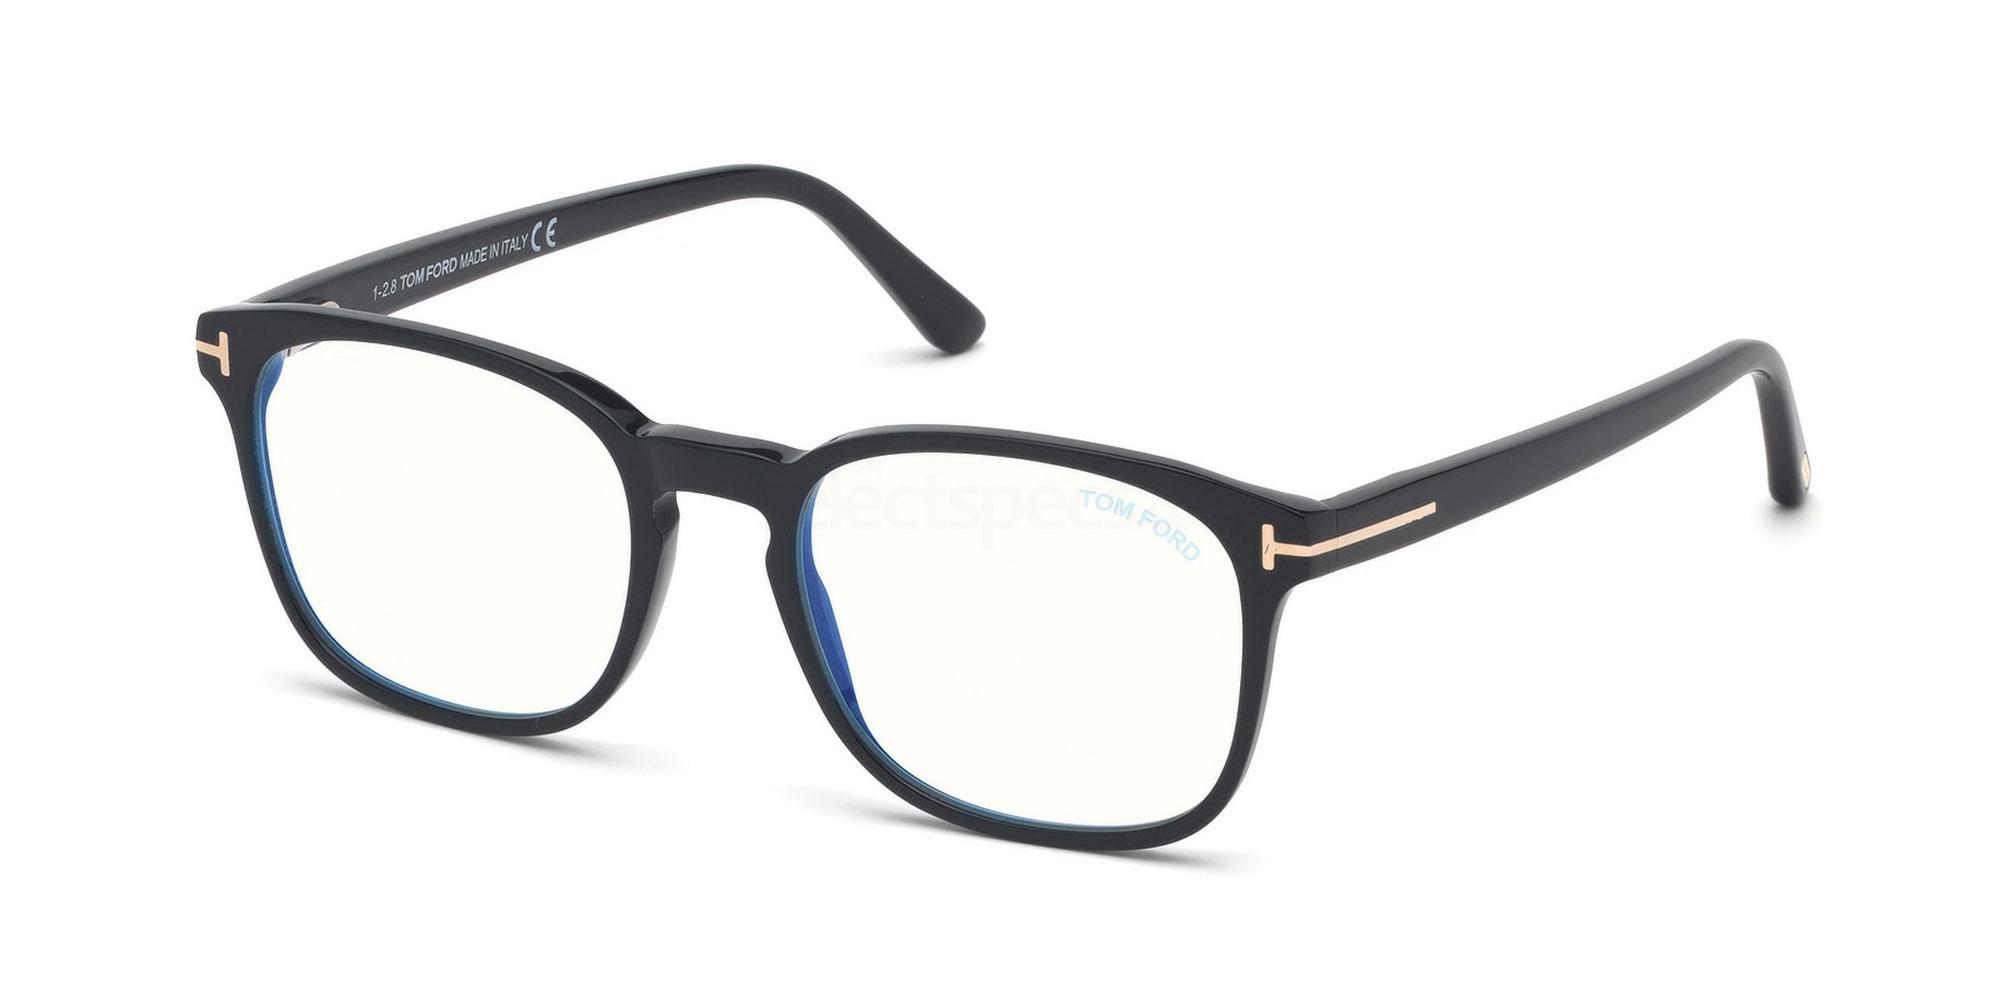 001 FT5605-B Glasses, Tom Ford